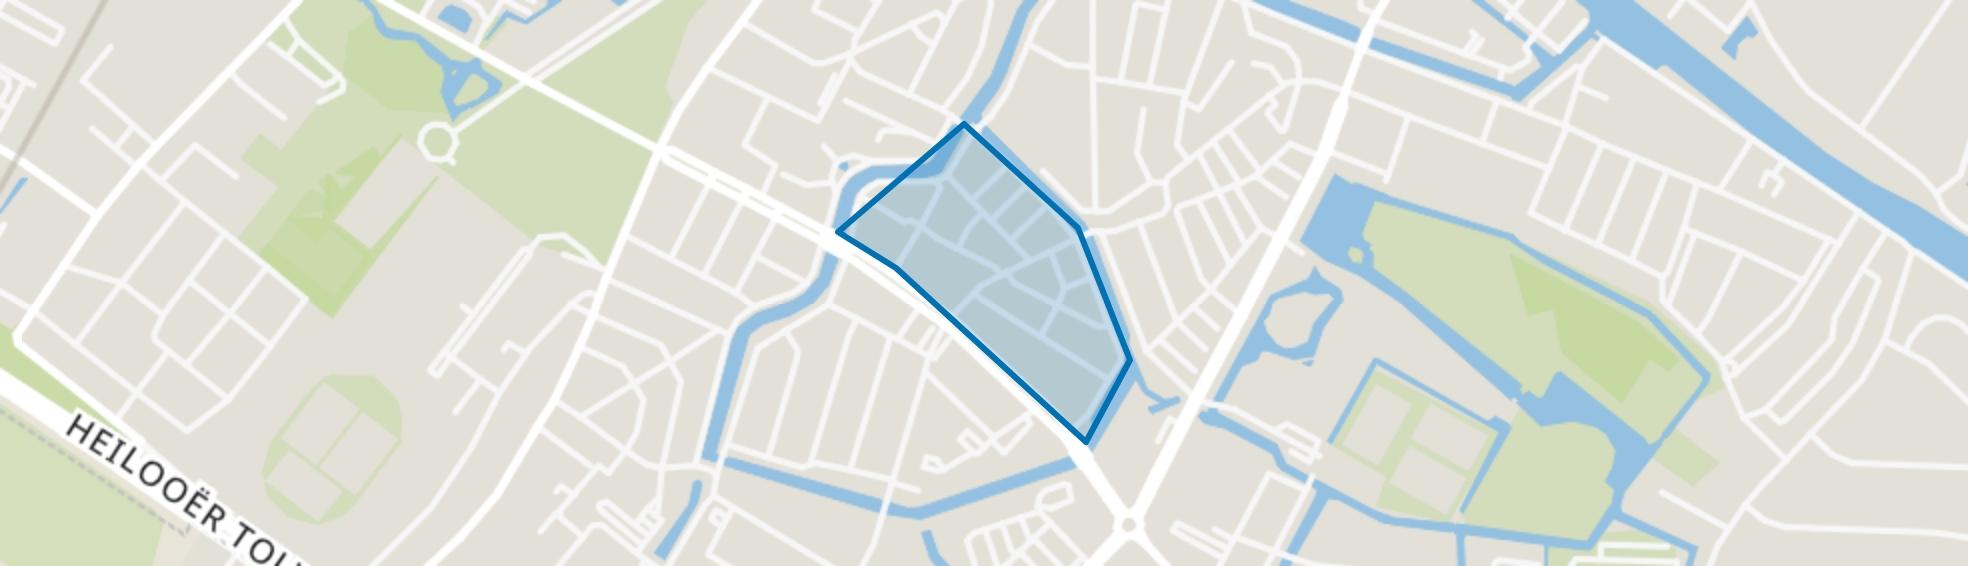 Oud-Rochdale, Alkmaar map